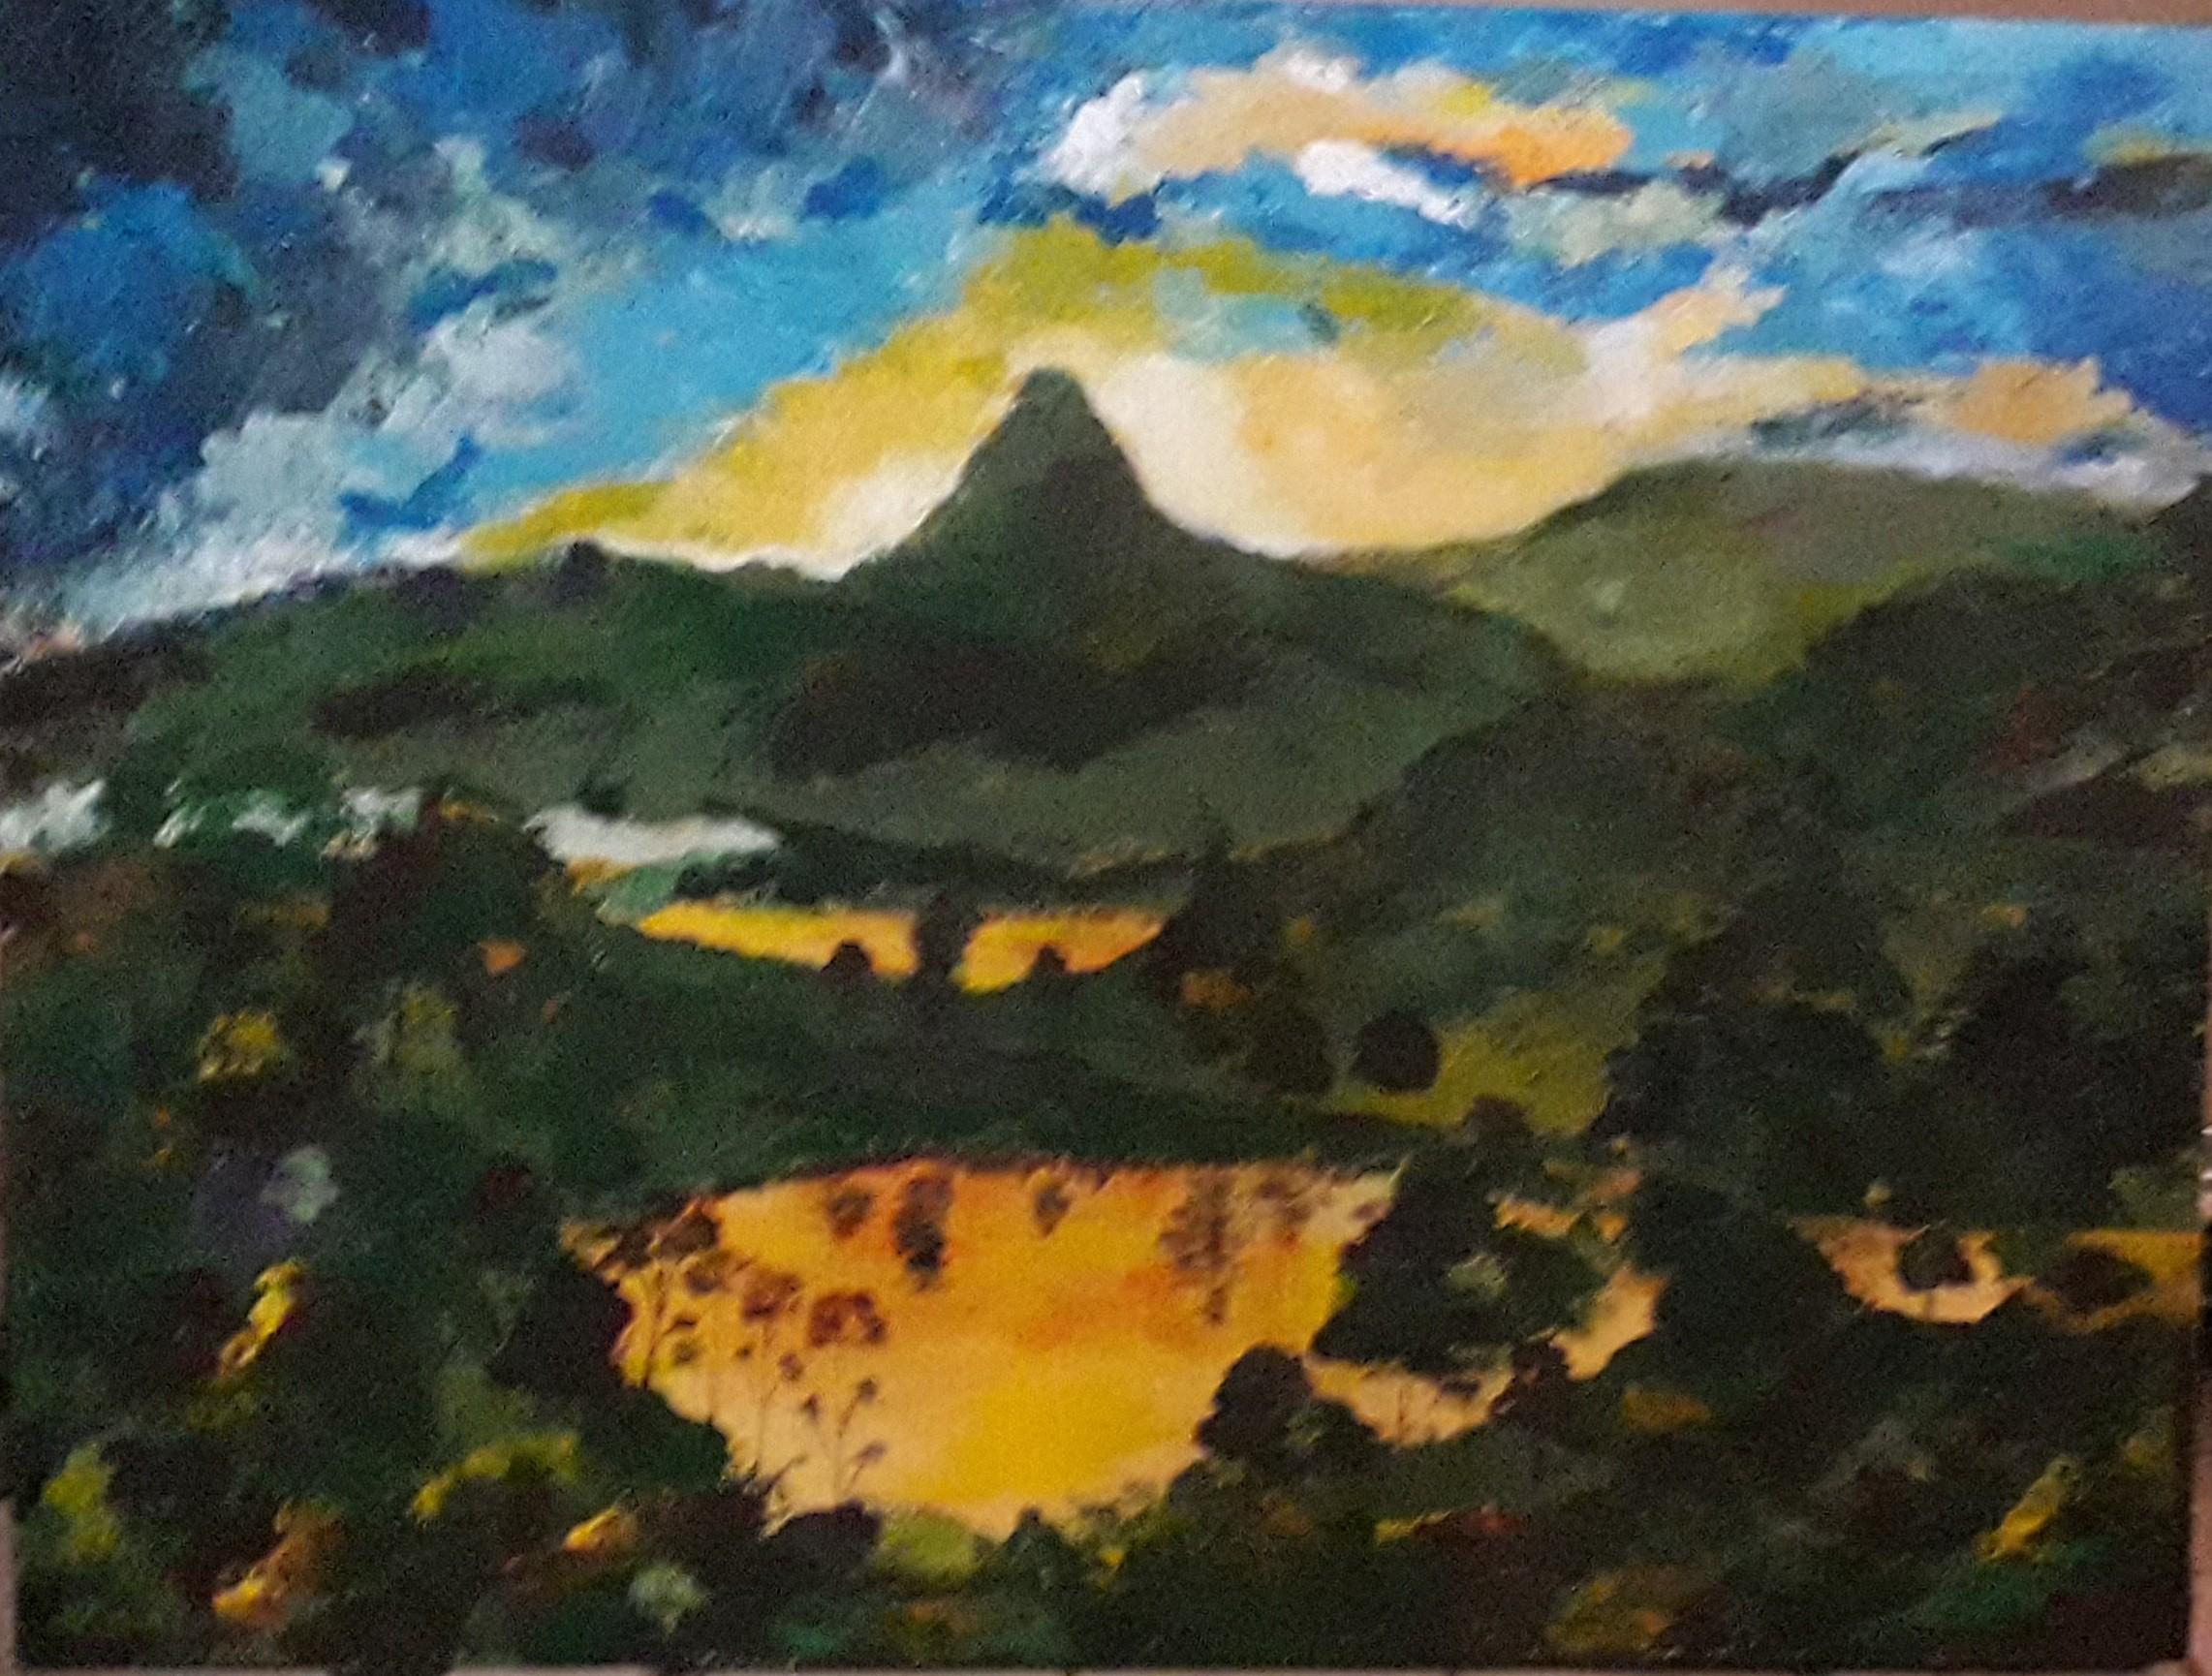 Sri Pada / Adam's Peak by Simpson David